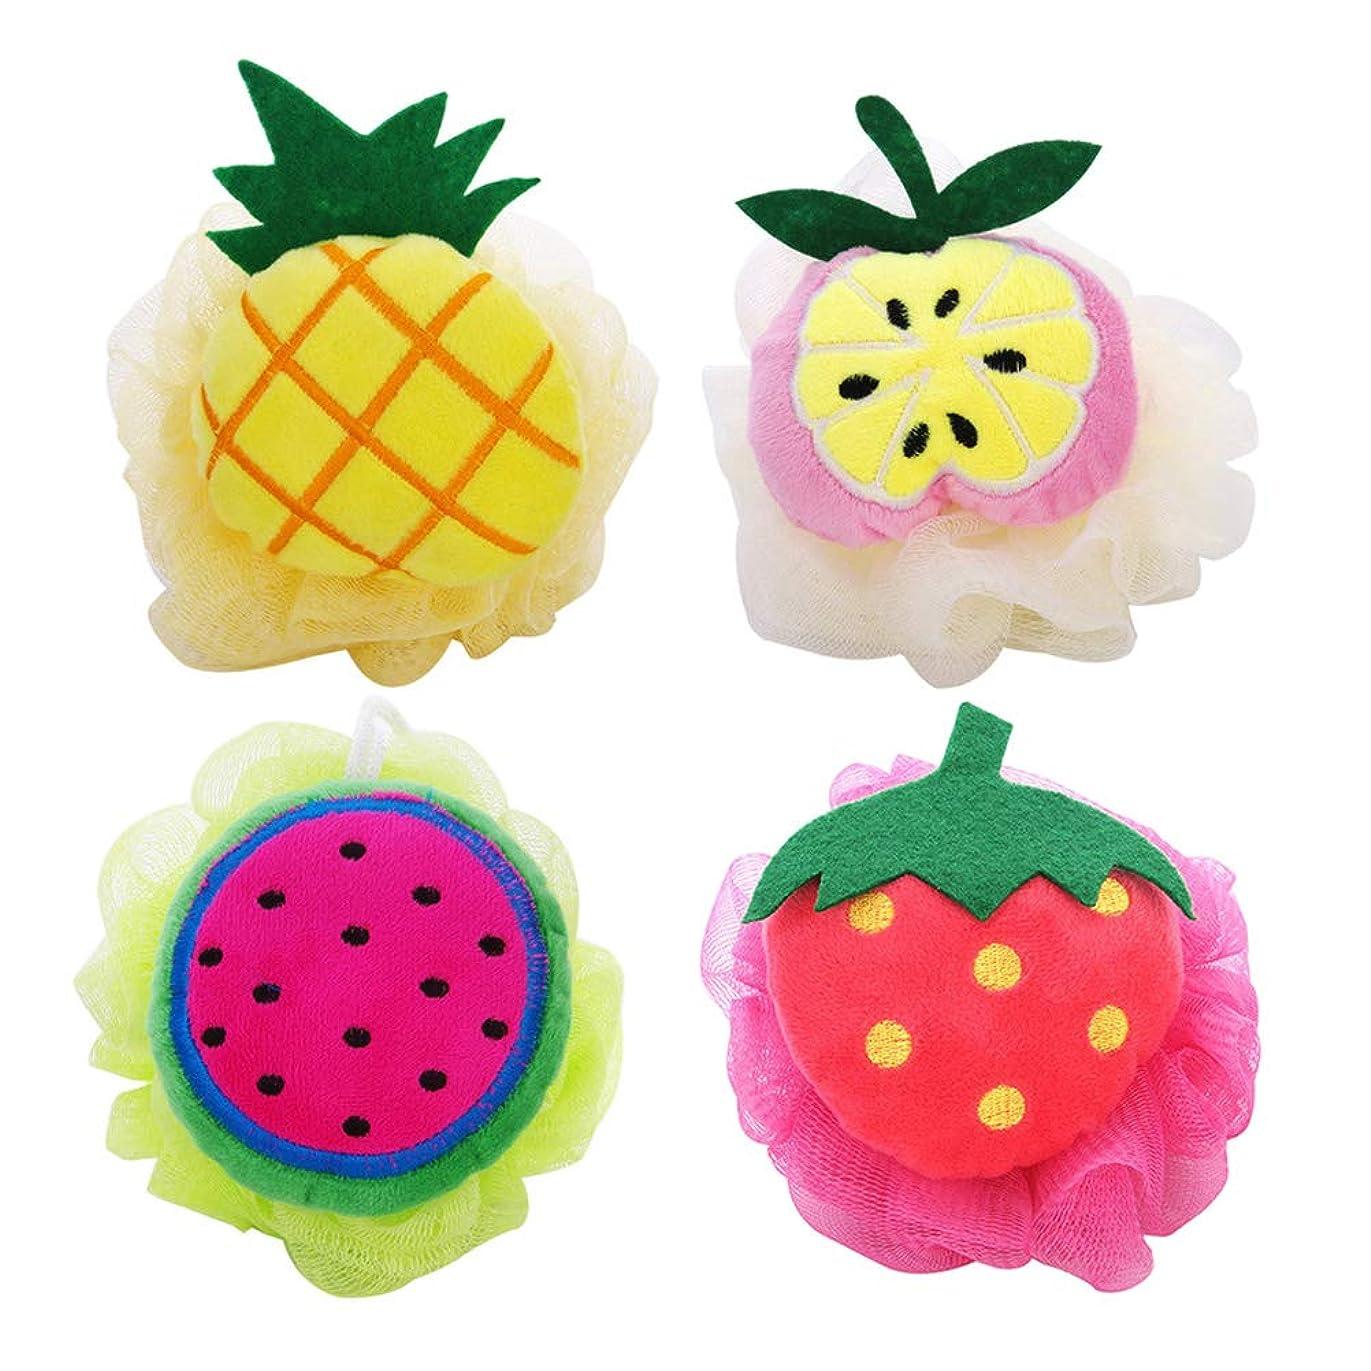 フローまっすぐ上向きHealifty 4本 シャワーボール フルーツ ソフトバスボールメッシュスポン 可愛い 子供用(パイナップル スイカ アップル イチゴ)